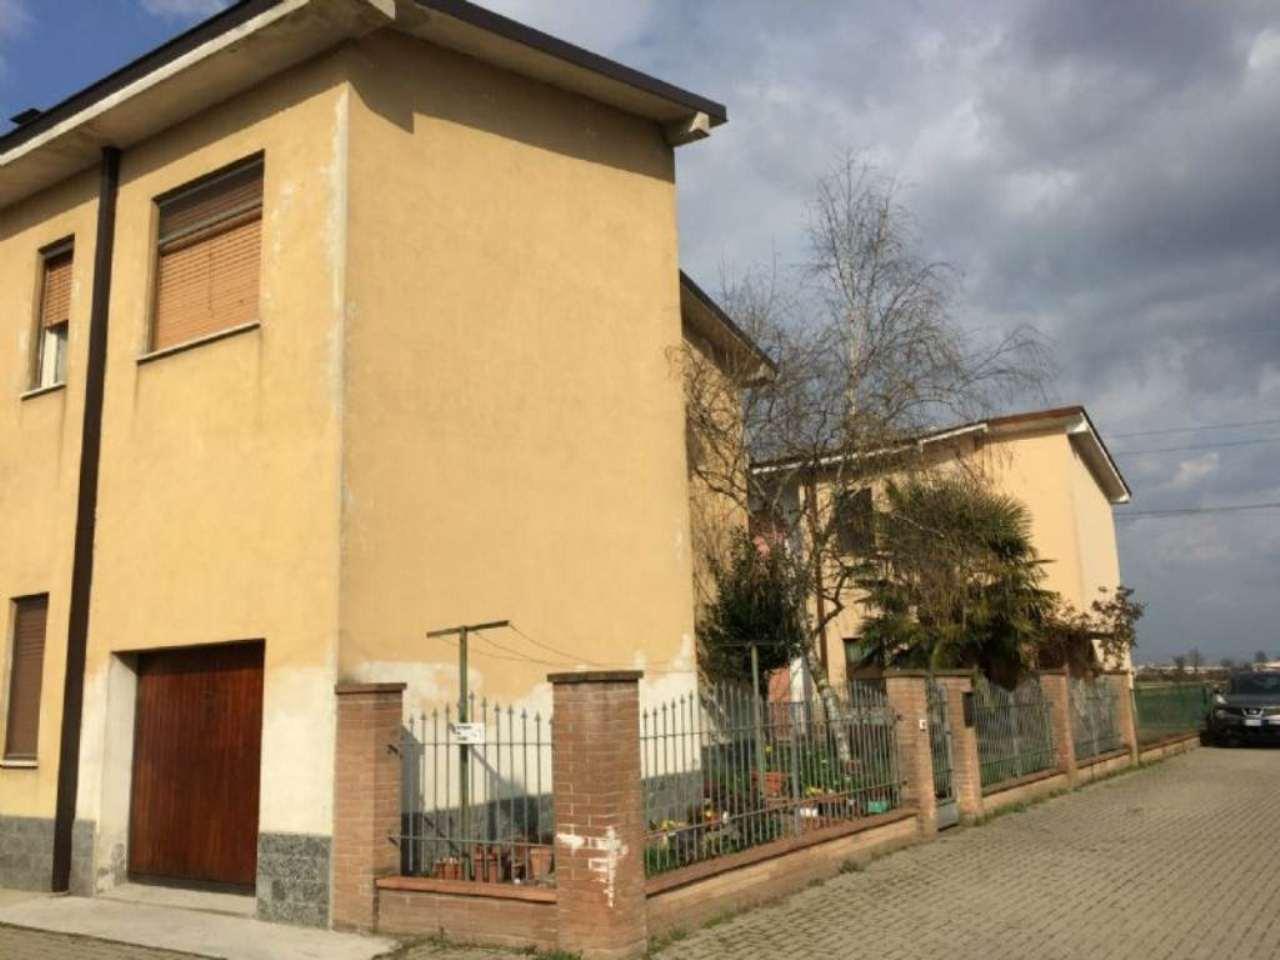 San Martino in Strada Vendita PORZIONE DI CASA Immagine 2